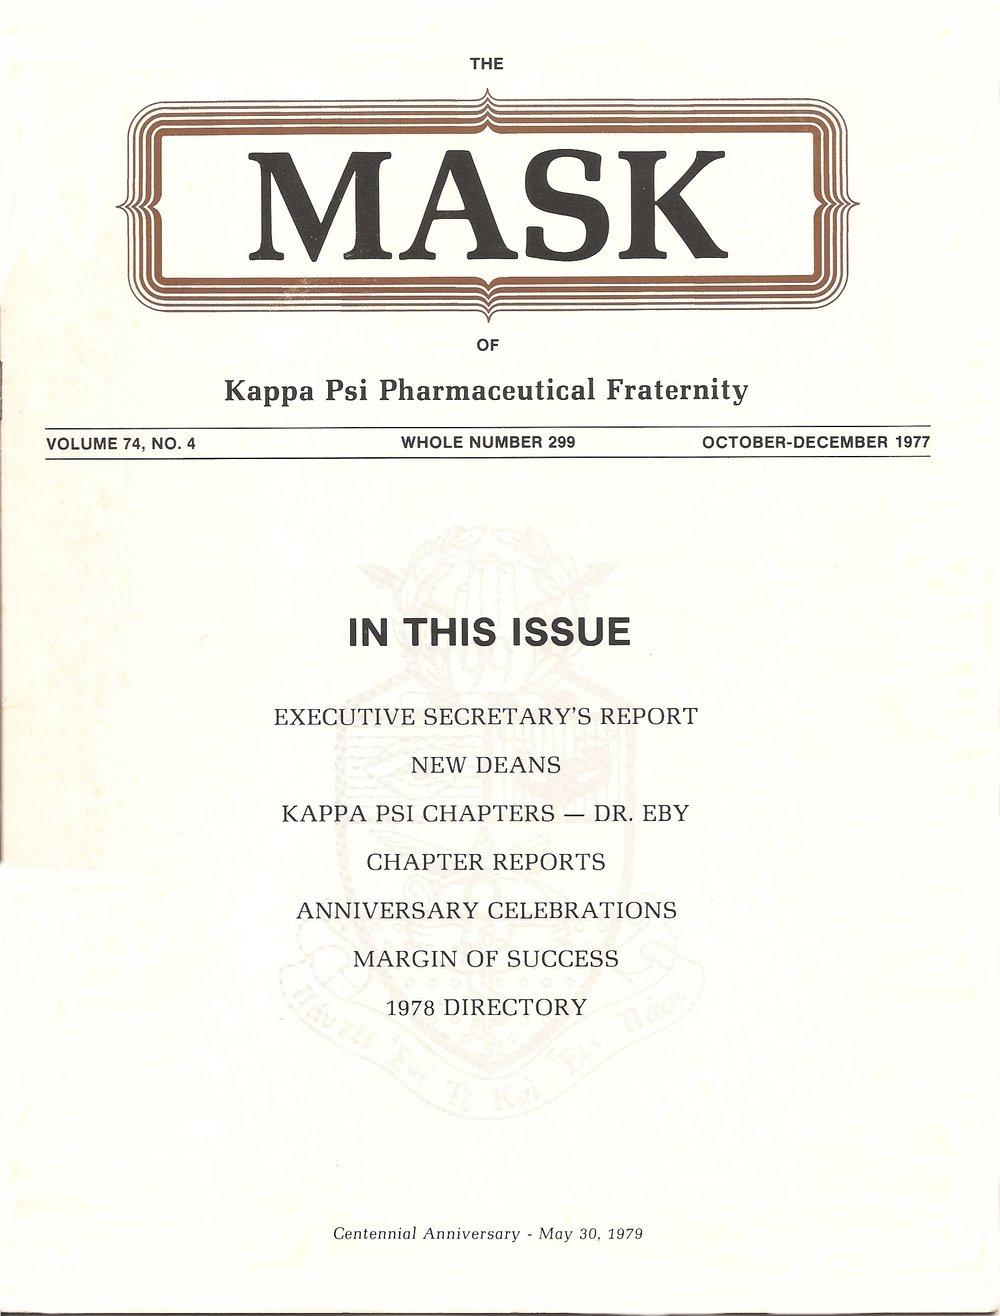 mask_cover_09_1977.jpg